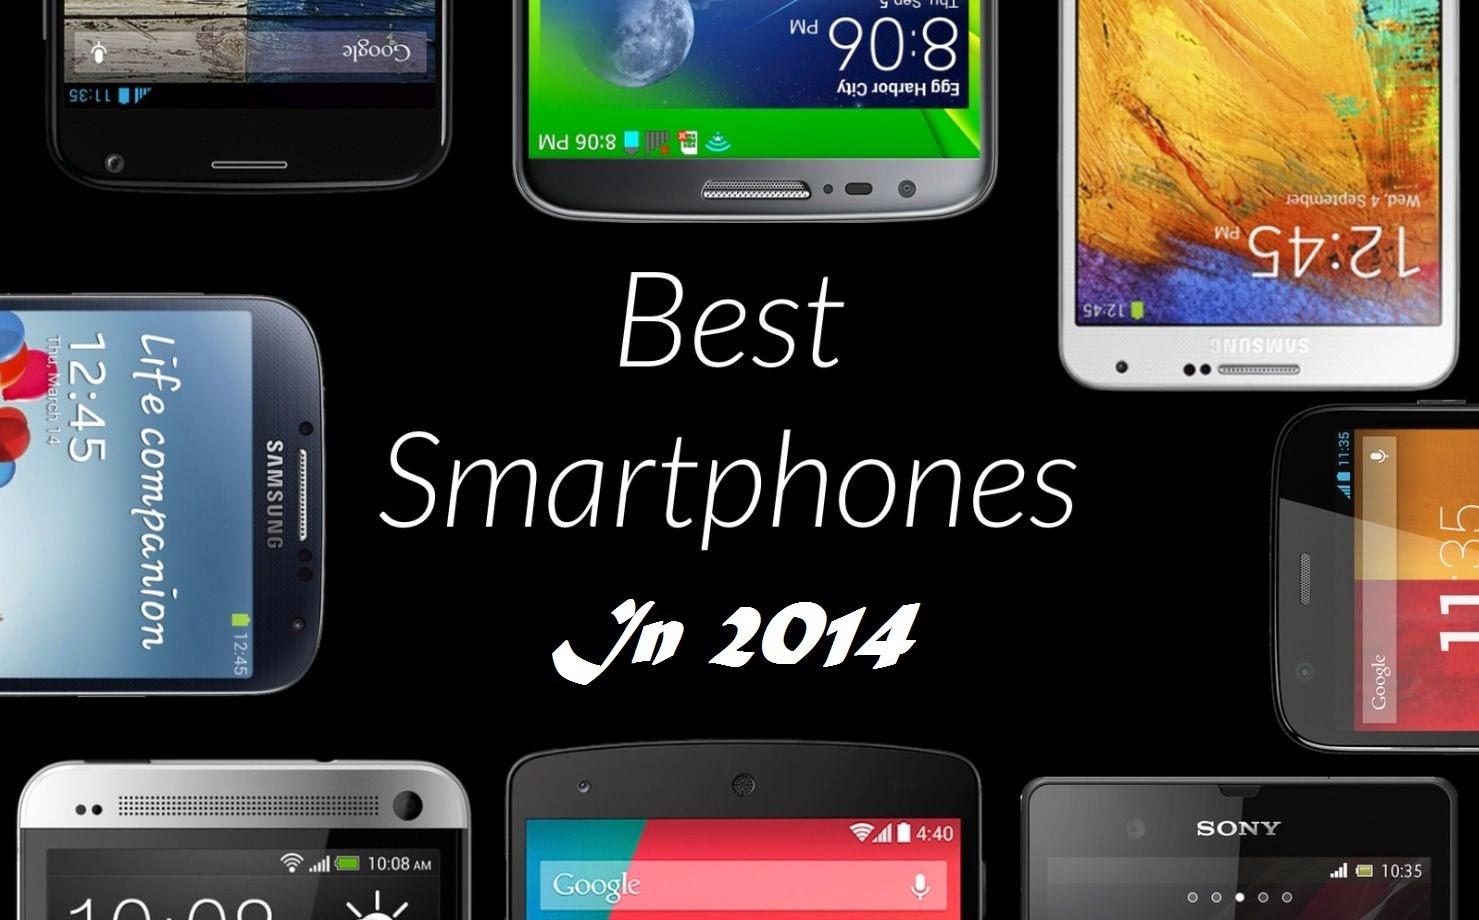 එන්න බලන්න, 2014 හොදම ෆෝන් 5 ## Top 5 Best Mobile Phones In 2014